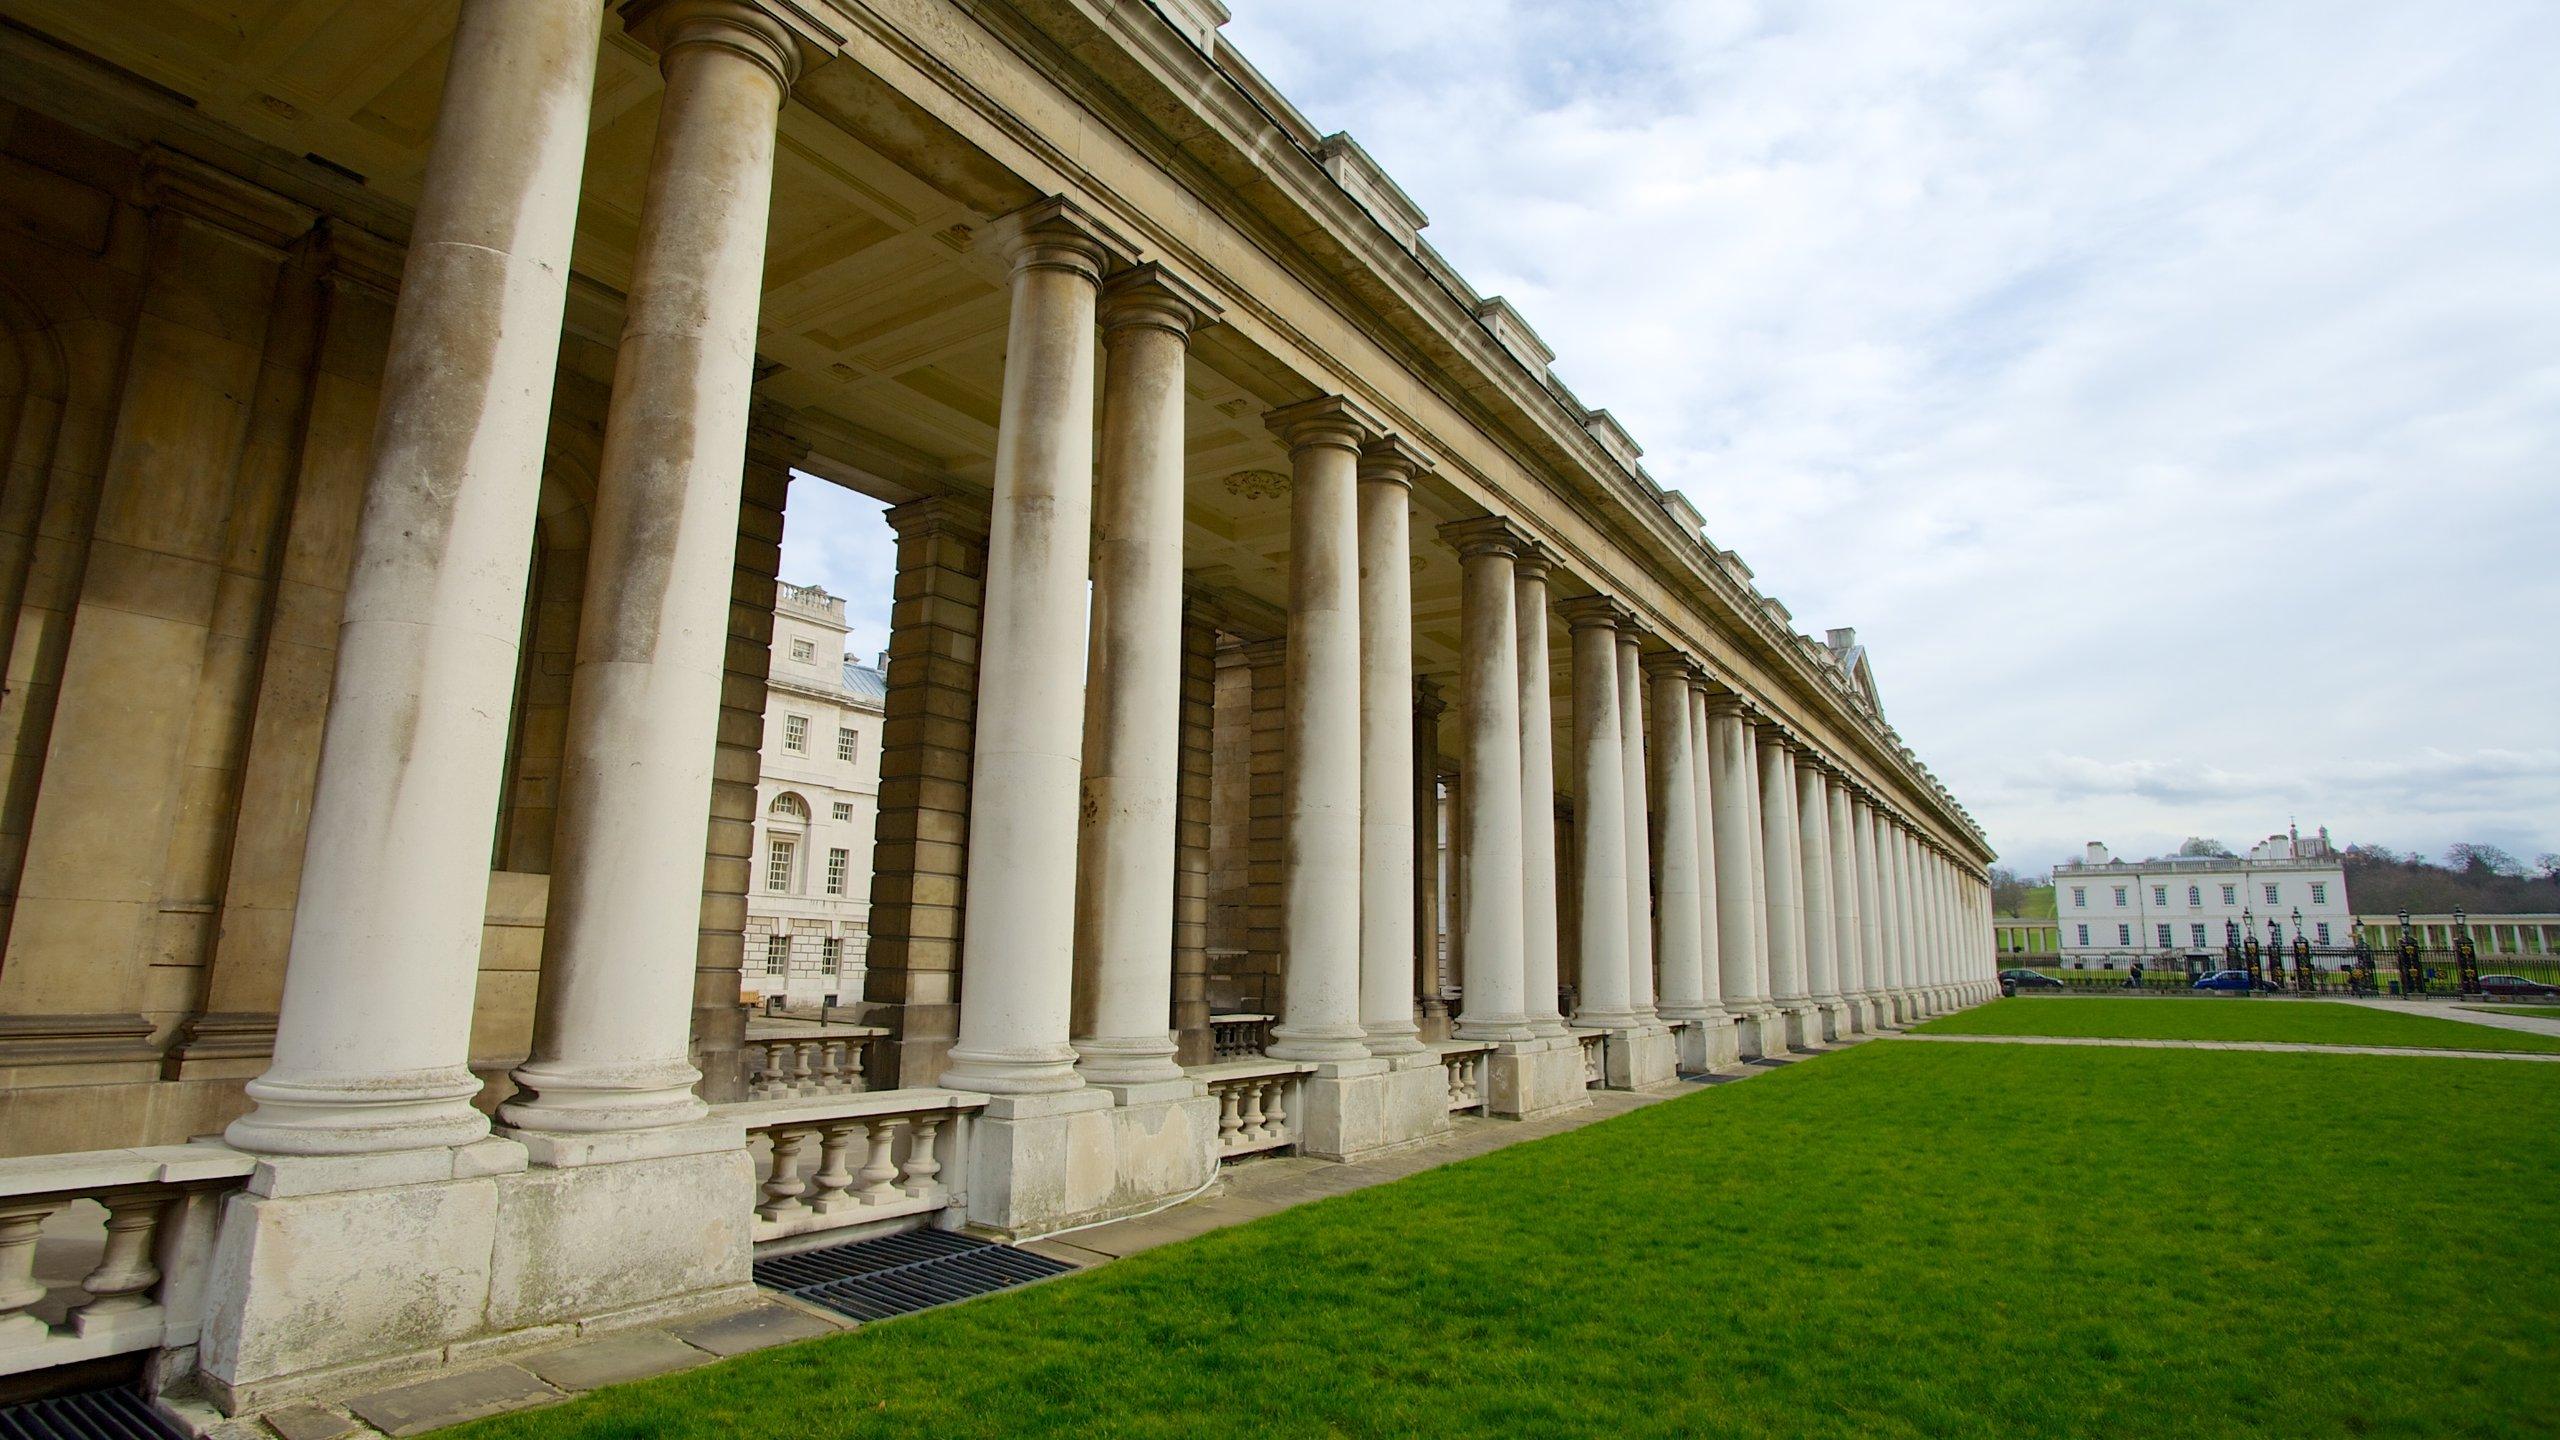 Greenwich West, London, England, United Kingdom